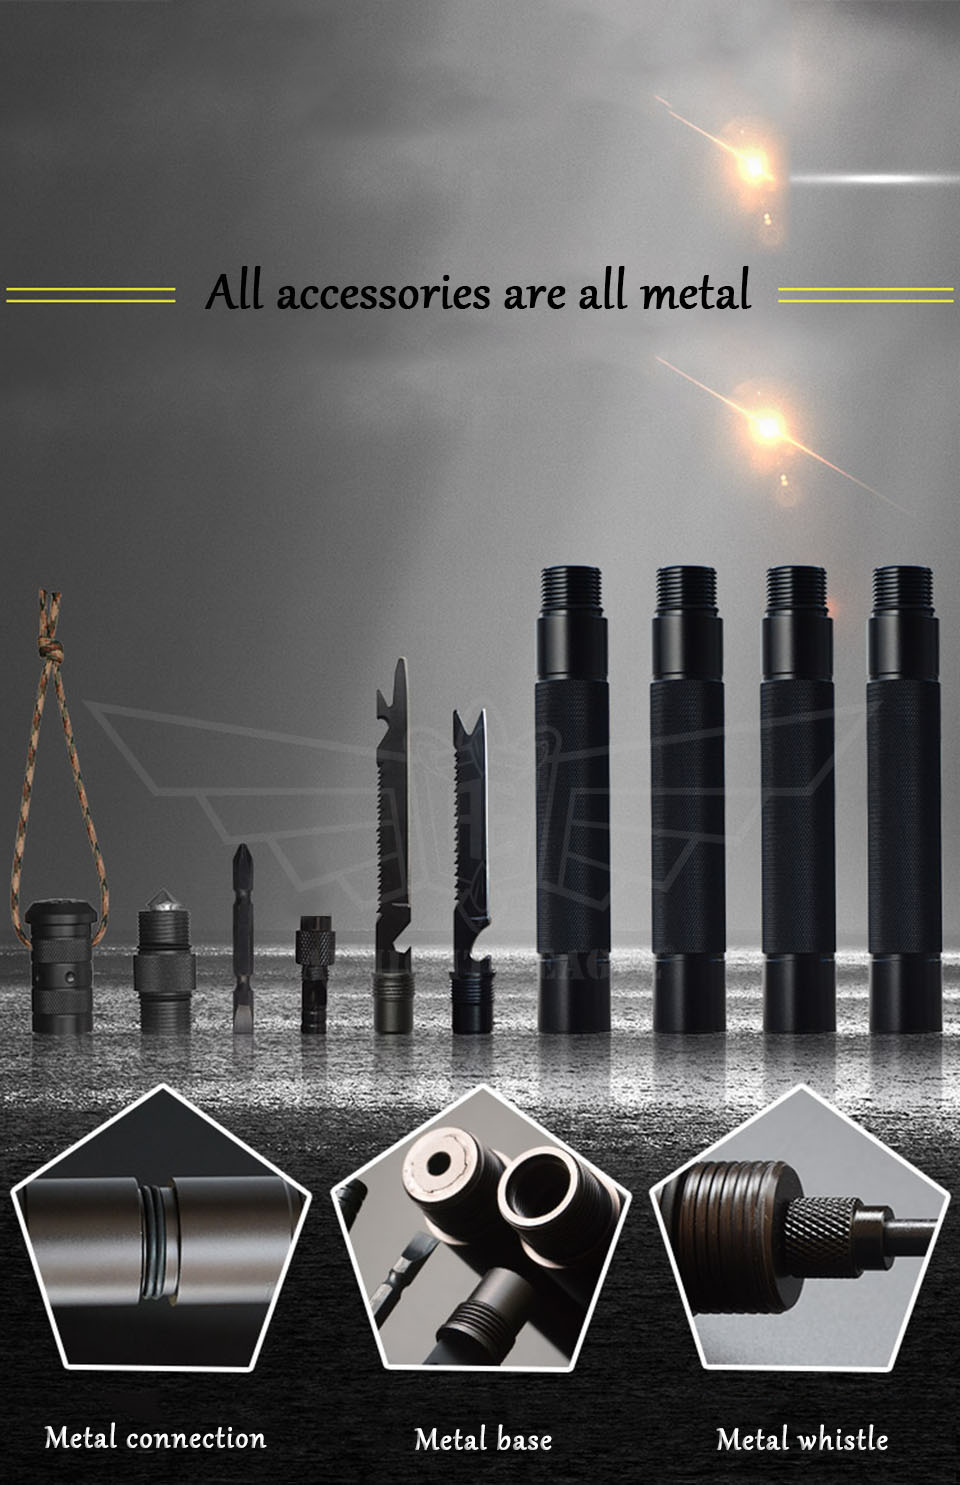 ferramentas dobráveis bengalas